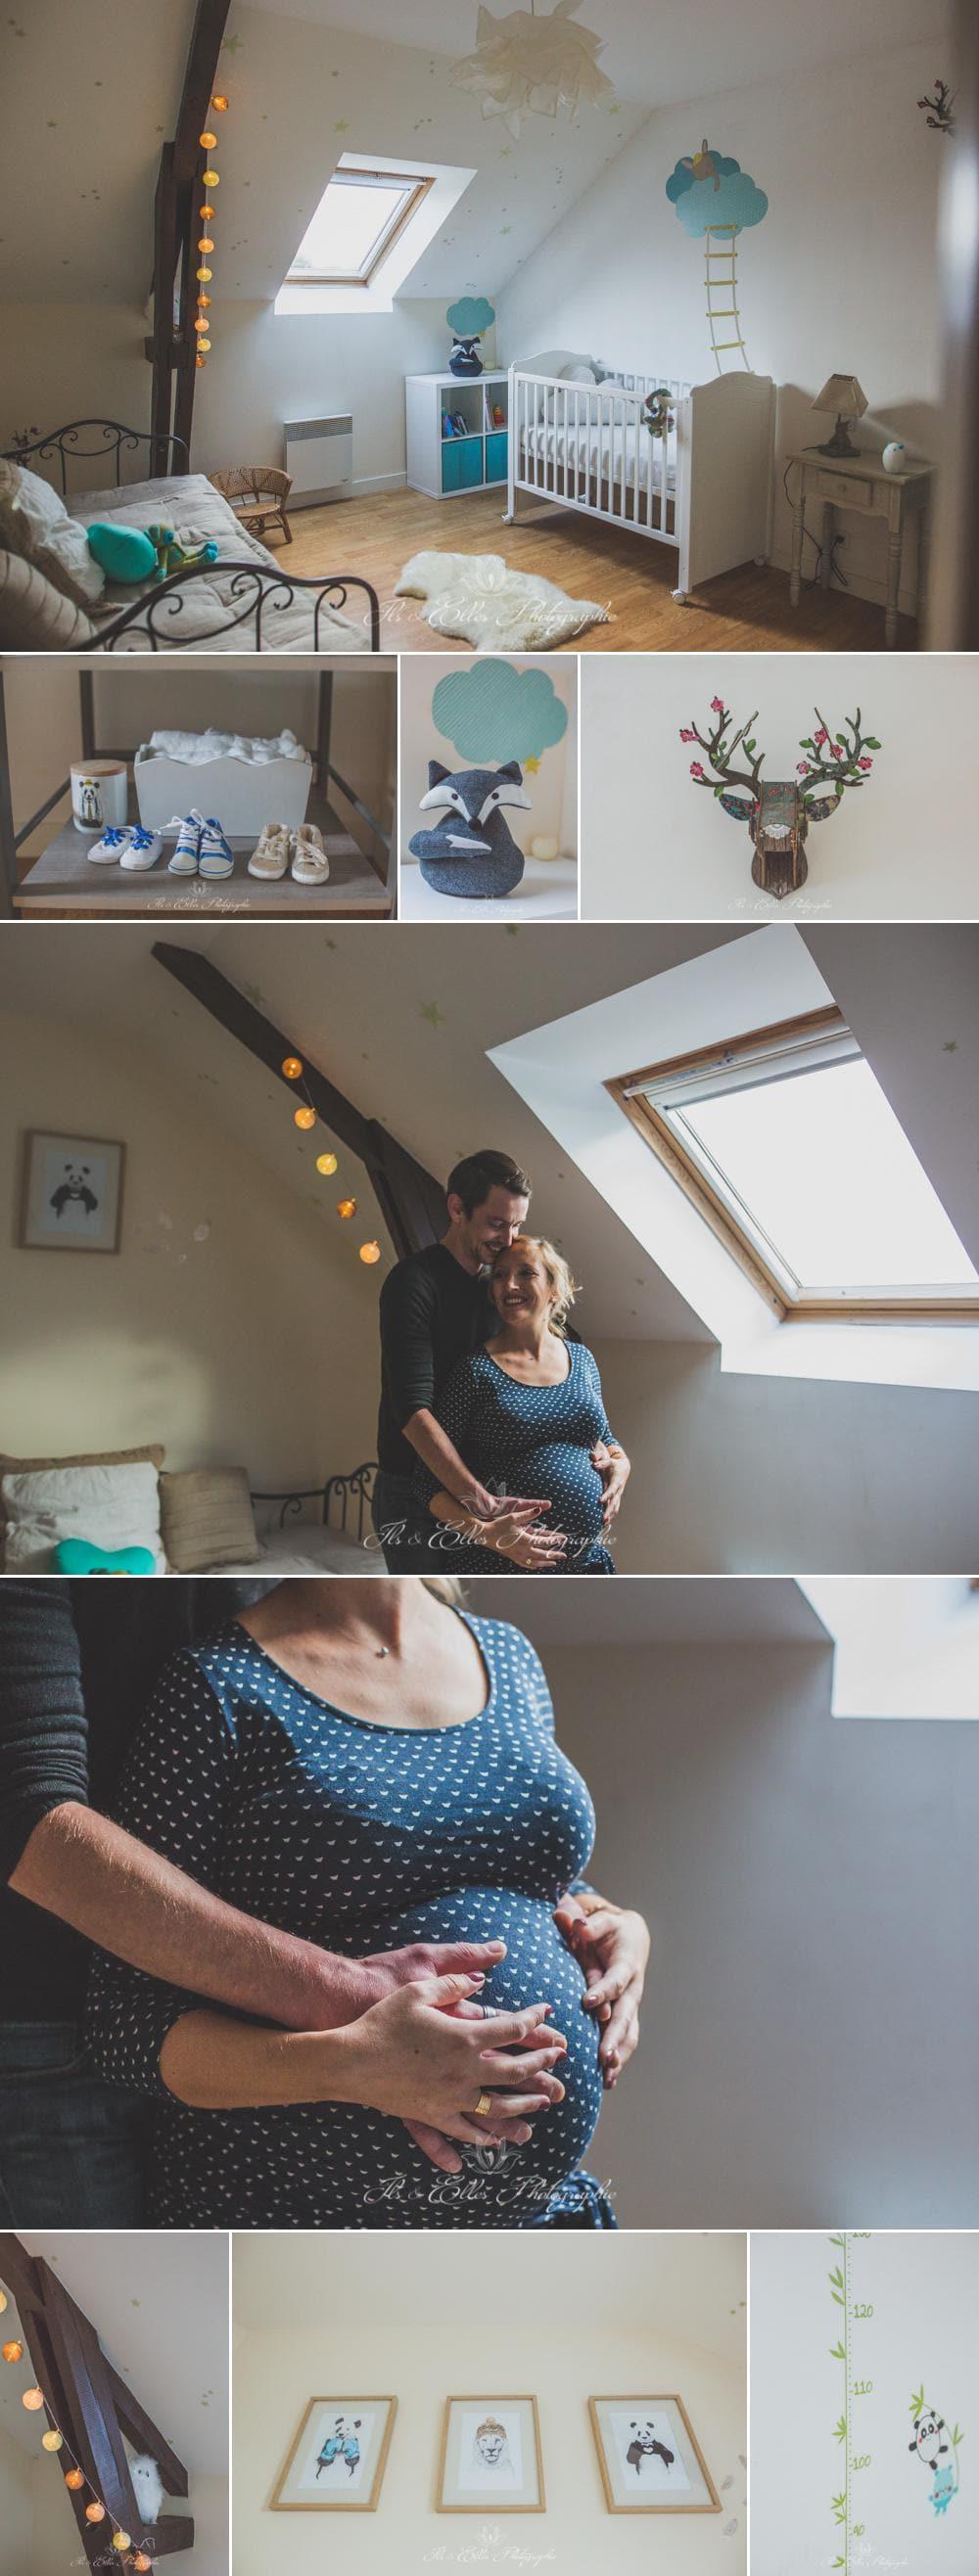 Séance photo à domicile Bretagne